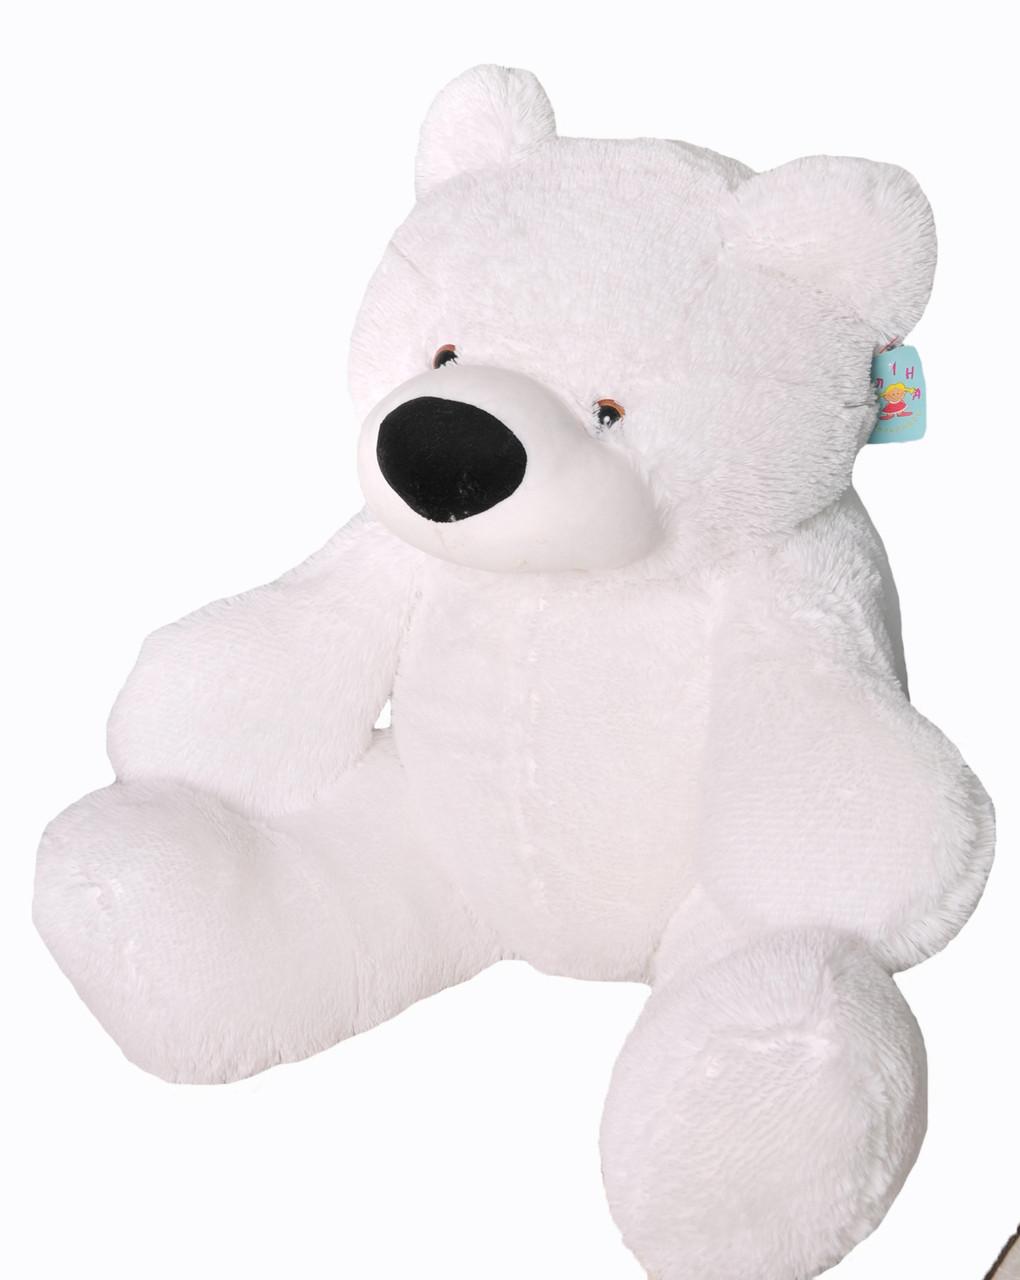 Плюшевый Медведь Бублик 110 см белый